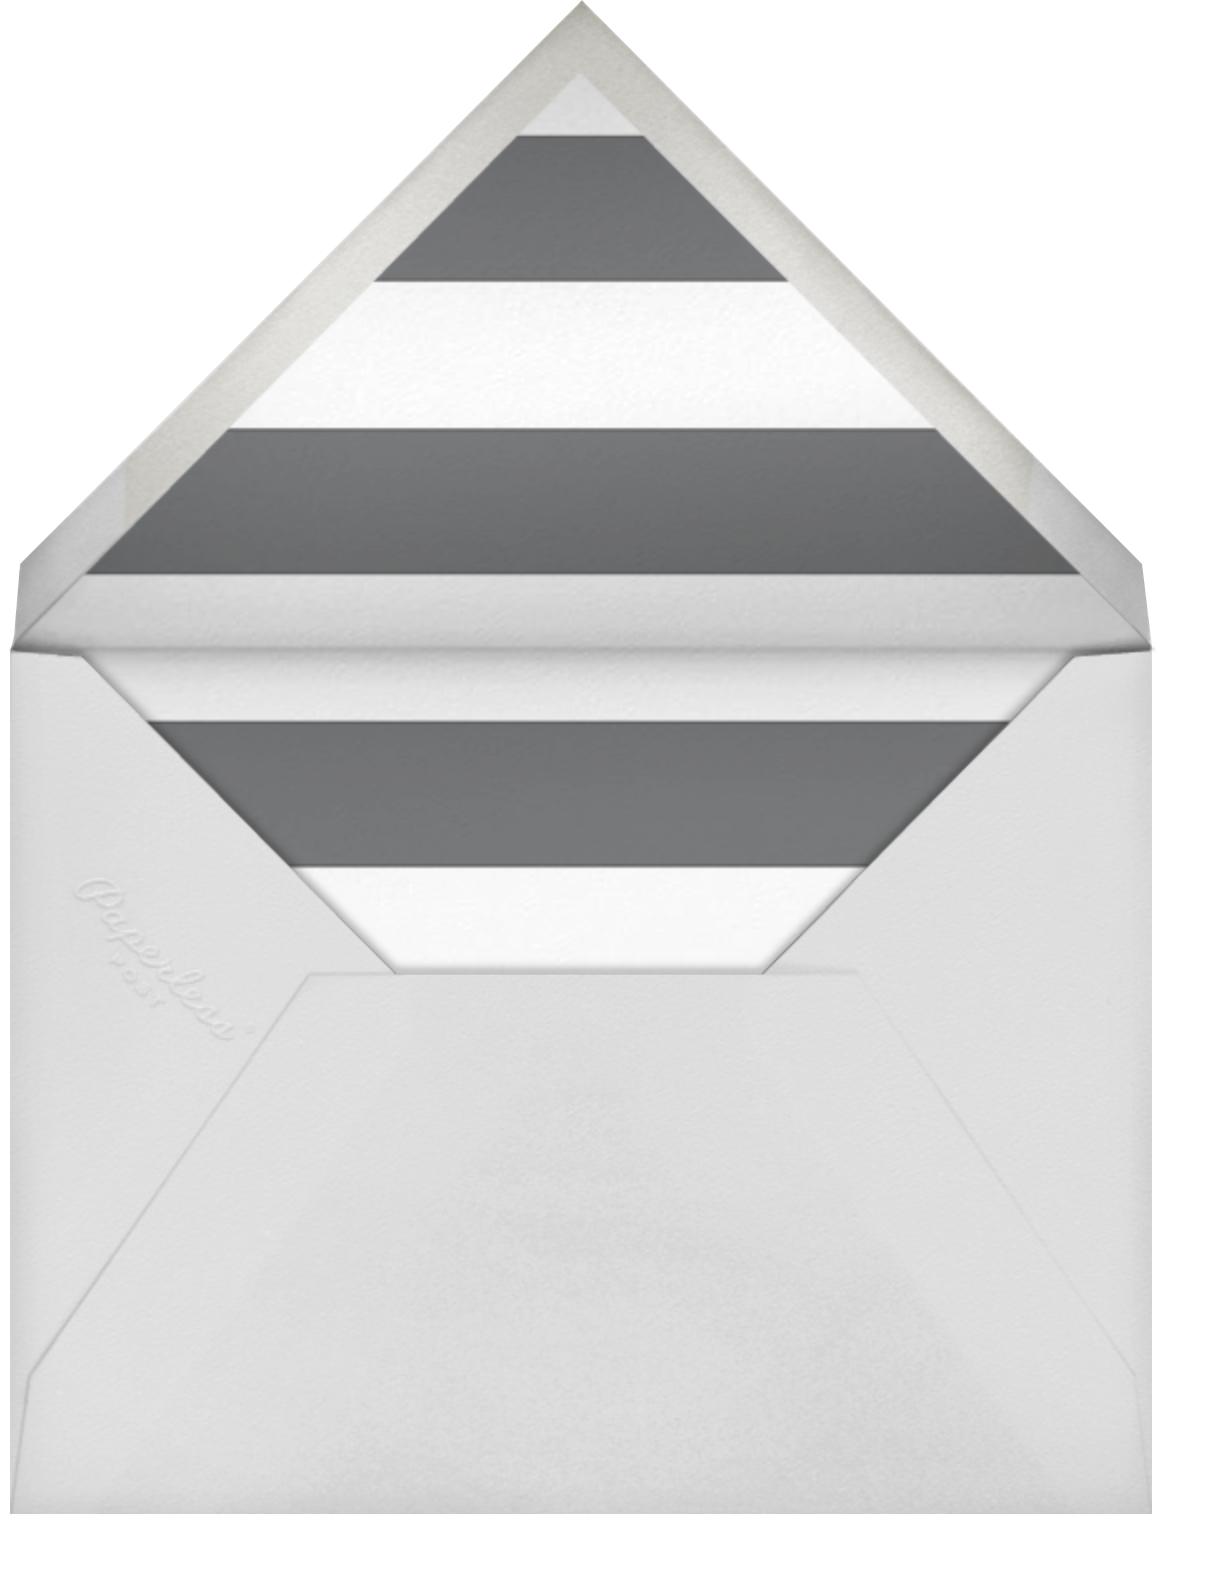 Big Dot Bridal - Meringue/Gold - Sugar Paper - Bridal shower - envelope back